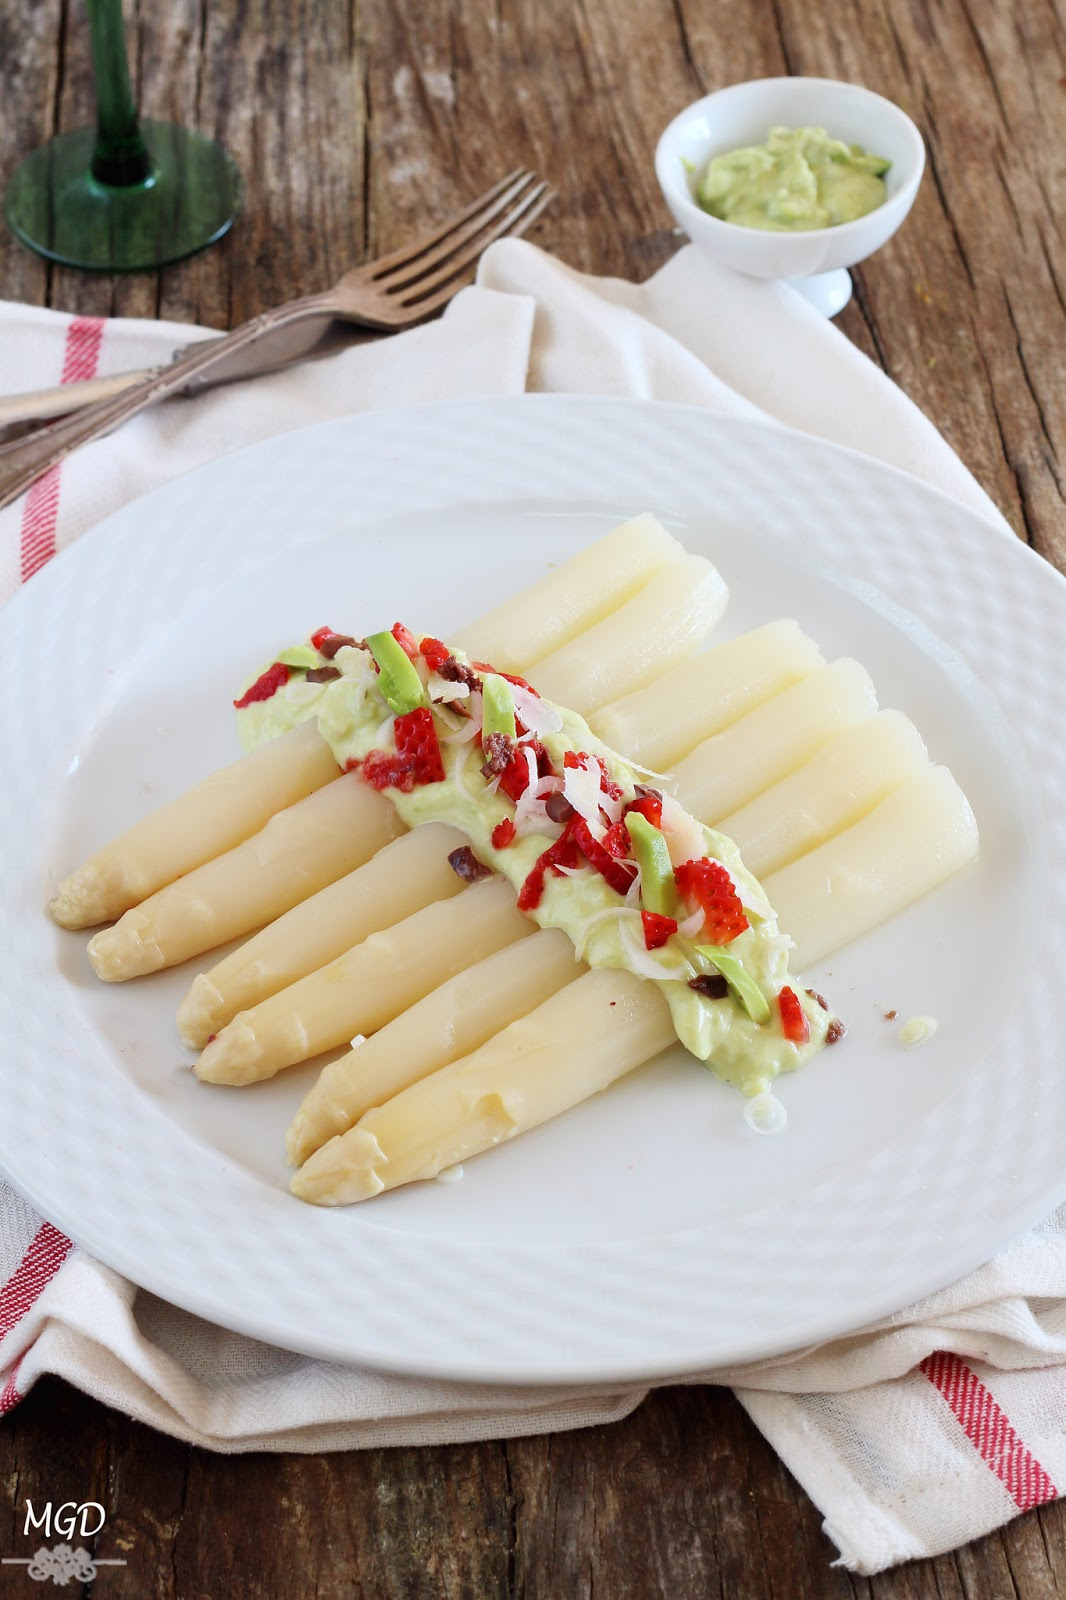 Esparragos blancos con fresas y mayonesa de aguacate